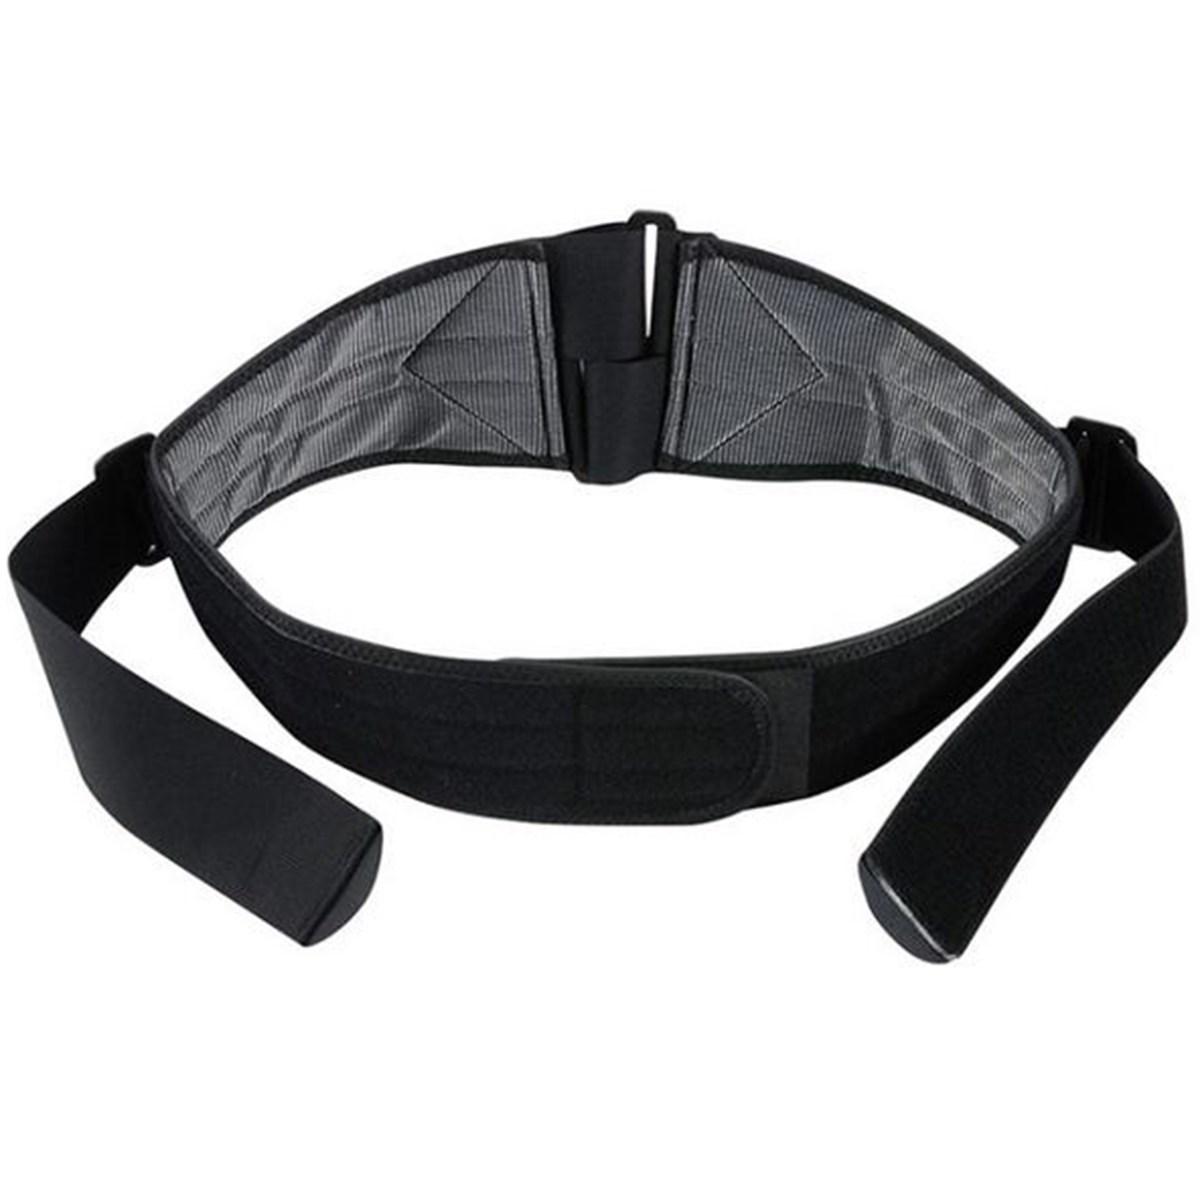 ミズノ 補助ベルト付き腰部骨盤ベルト ノーマルタイプ